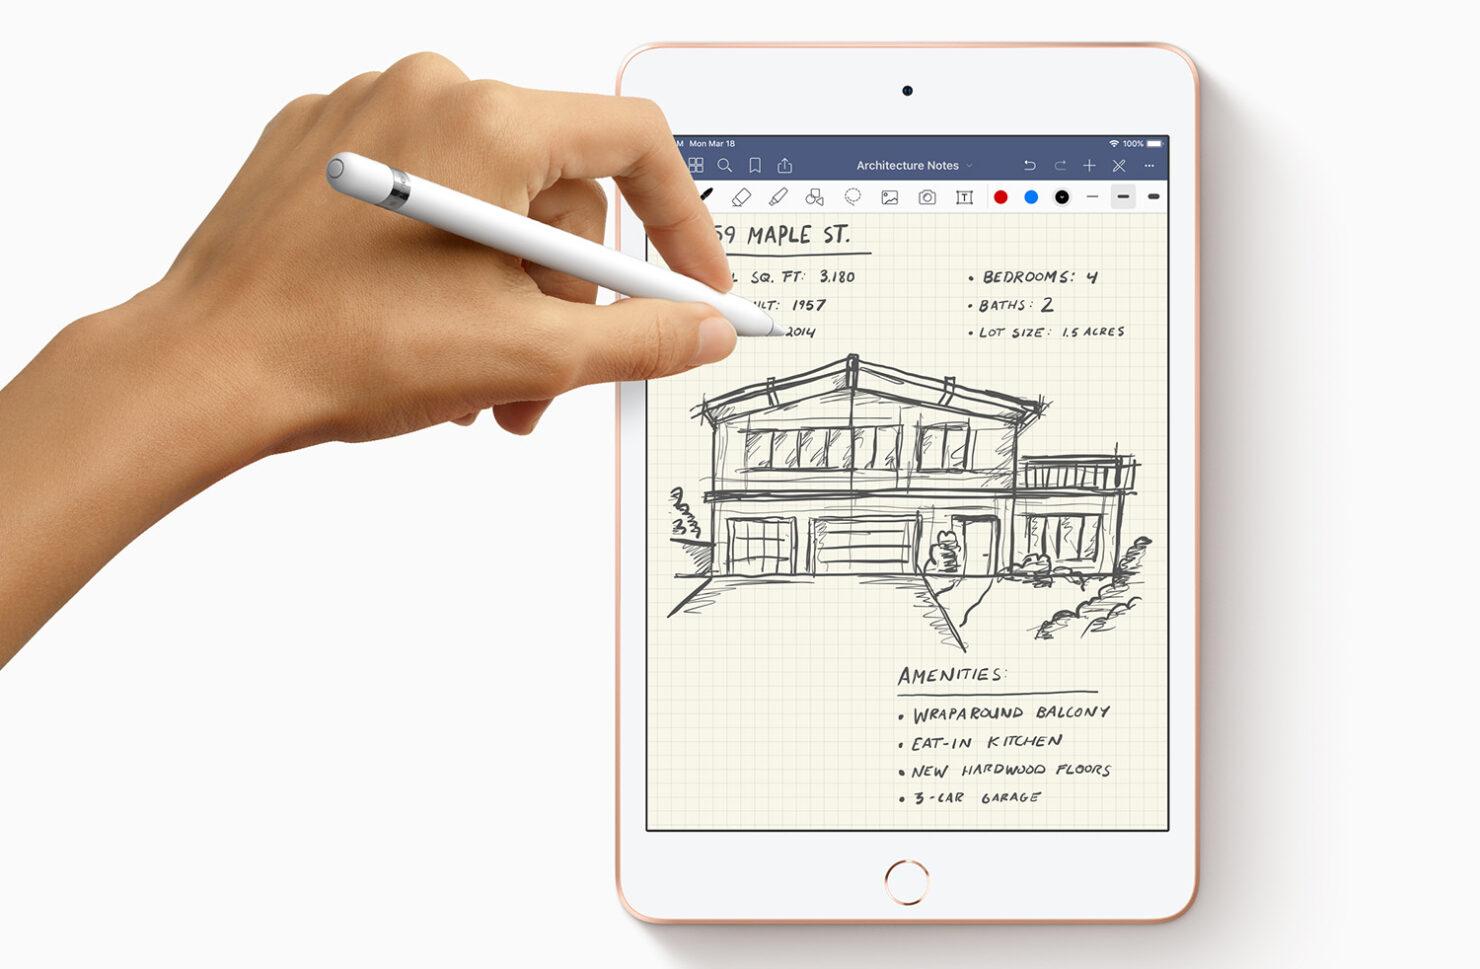 iPad Air iPad mini no second gen Apple Pencil support